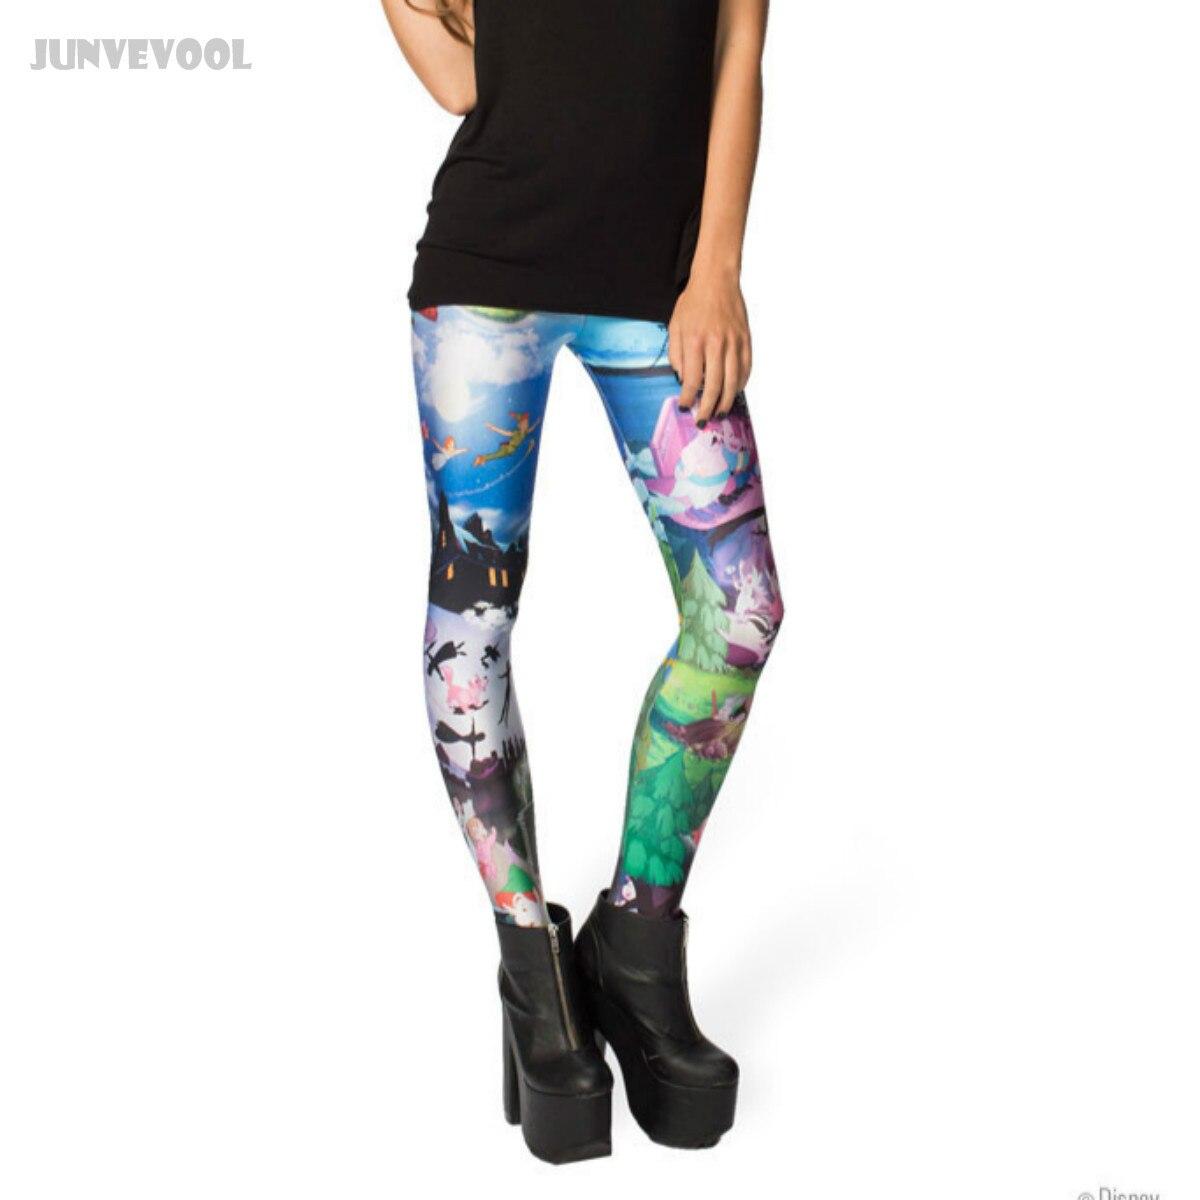 6dc6885601c1c Lycra Spandex Pants Color Gradient Leggings Elastic Work Out ...